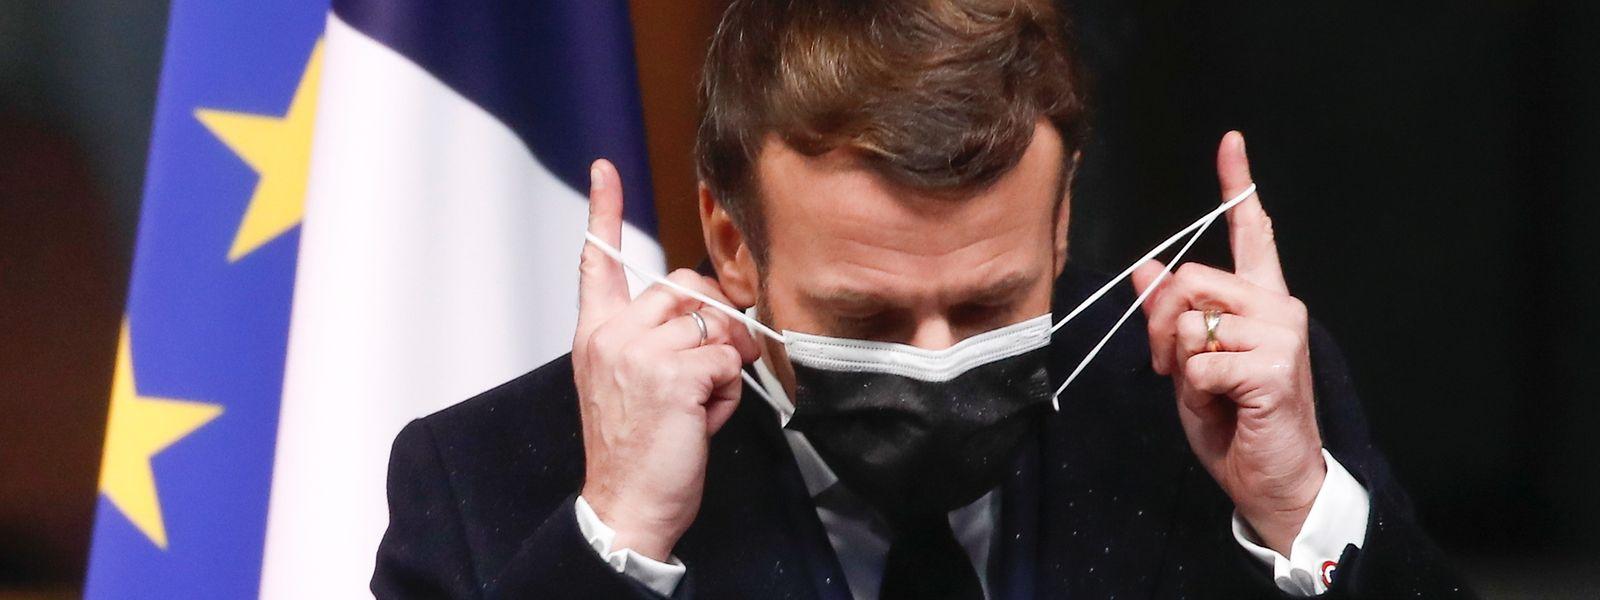 Frankreichs Staatspräsident Emmanuel Macron will als Reformer, nicht als Corona-Manager in die Geschichte eingehen - ein Spagatakt.